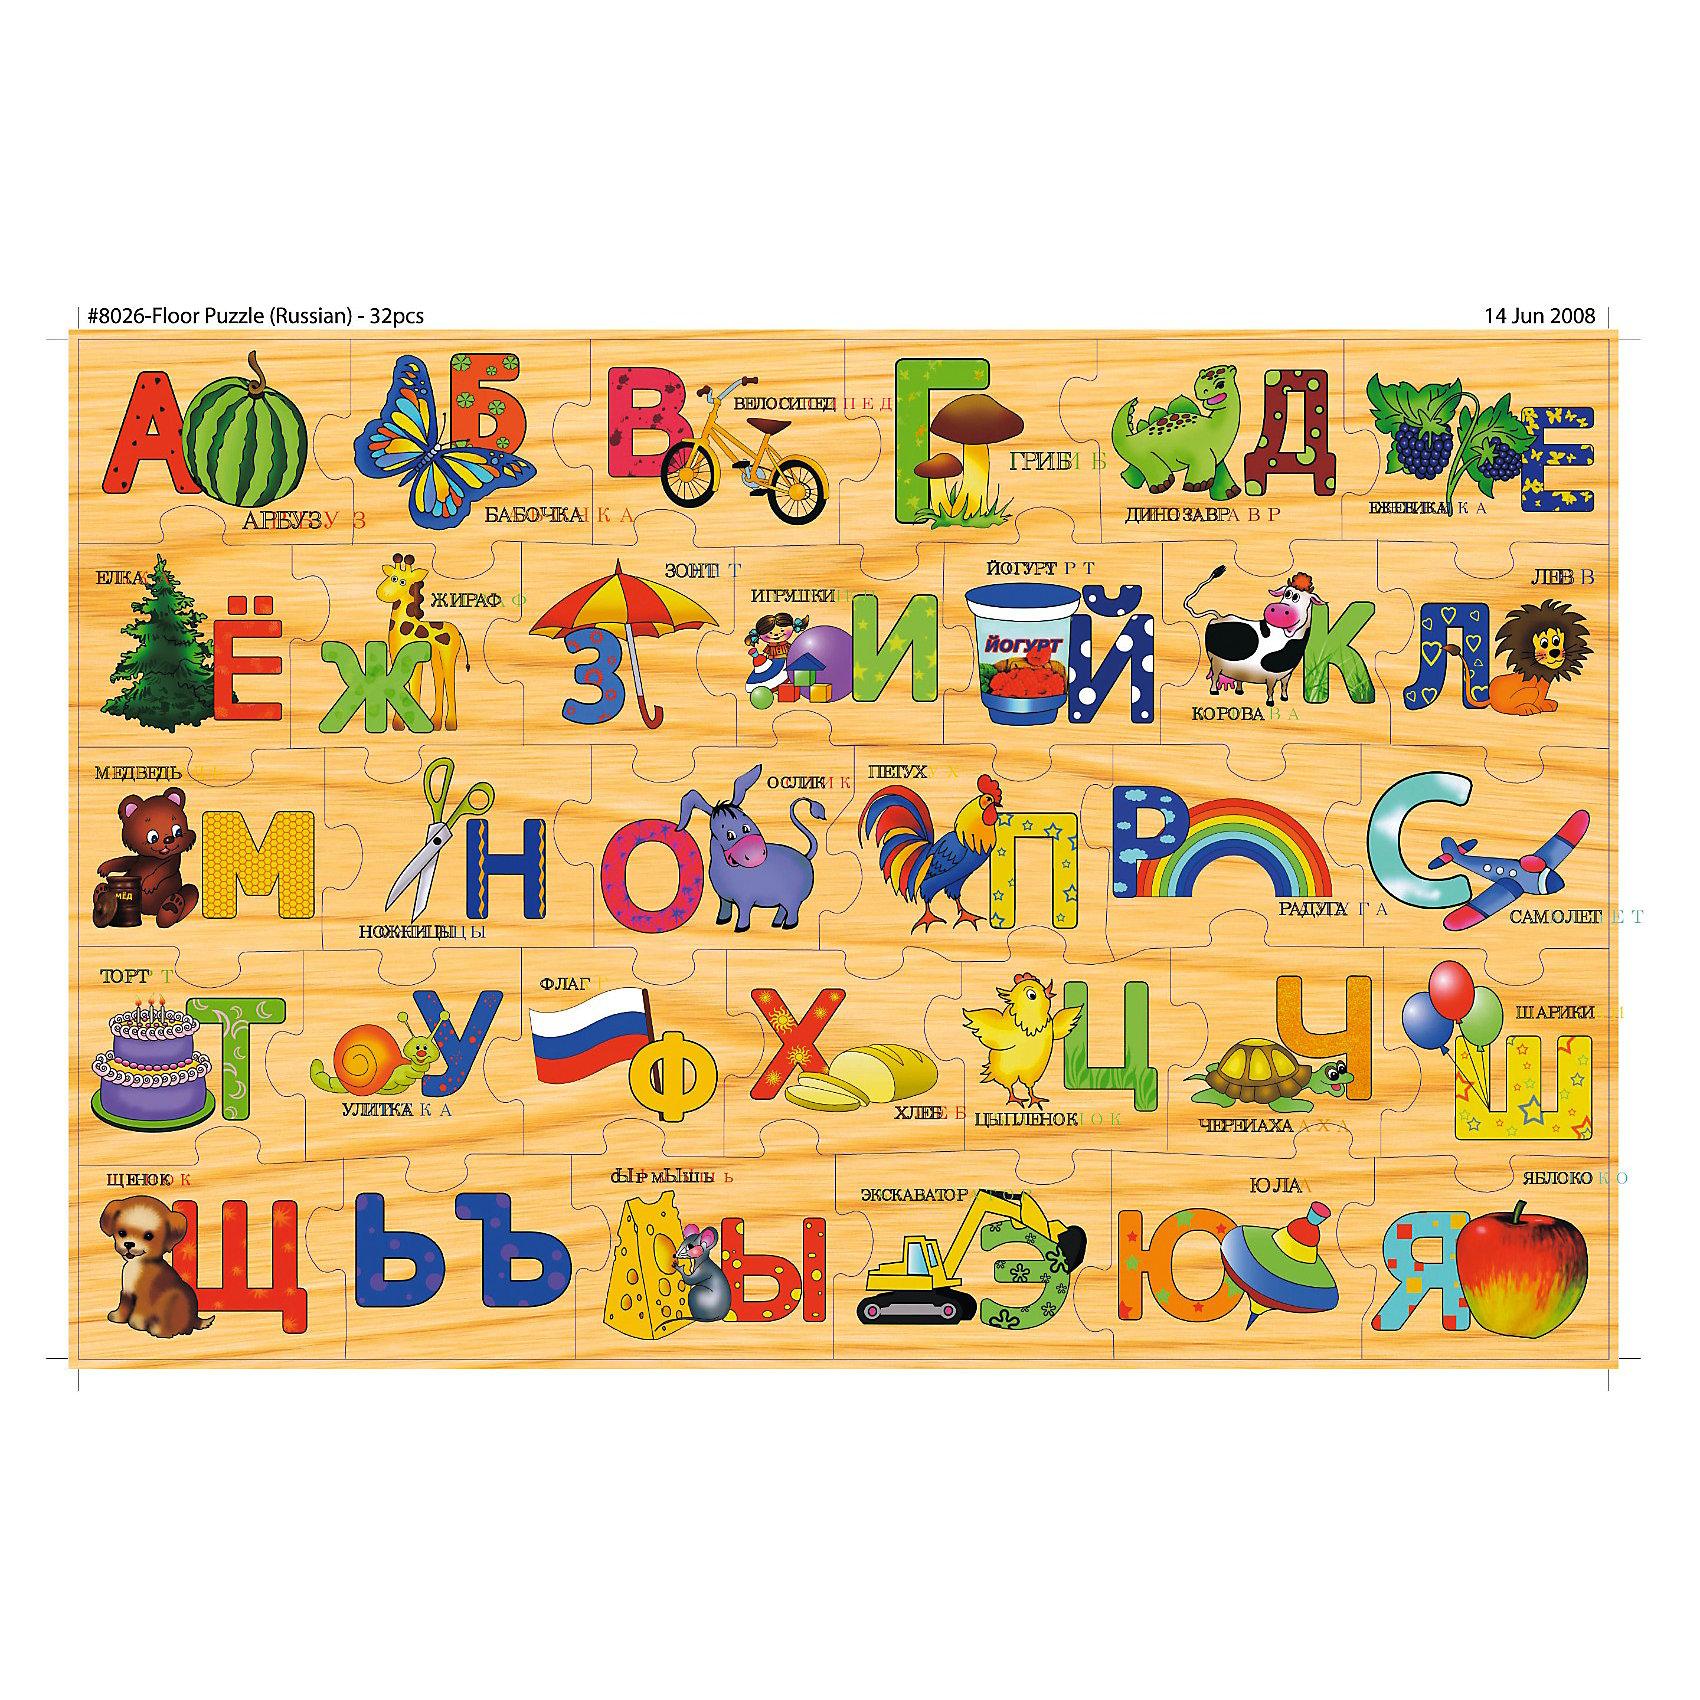 Алфавит, СТЕЛЛА+Развивающие игры<br>Алфавит, СТЕЛЛА+<br><br>Характеристики:<br><br>• пазл для изучения алфавита<br>• безопасен для ребенка<br>• количество деталей: 32<br>• материал: дерево<br>• размер собранного пазла: 96х61 см<br><br>Пазл-алфавит поможет вашему малышу выучить буквы в игровой форме. Пазл изготовлен из дерева и состоит из 32-х деталей. На каждой детали нарисована буква и соответствующая картинка. Вы можете предложить крохе найти букву, а затем поставить ее в нужное место, чтобы получился целый пазл. Эта игра поможет выучить алфавит, развить логическое мышление, внимание и мелкую моторику.<br><br>Алфавит, СТЕЛЛА+ вы можете купить в нашем интернет-магазине.<br><br>Ширина мм: 355<br>Глубина мм: 245<br>Высота мм: 65<br>Вес г: 1870<br>Возраст от месяцев: 36<br>Возраст до месяцев: 120<br>Пол: Унисекс<br>Возраст: Детский<br>SKU: 2328293